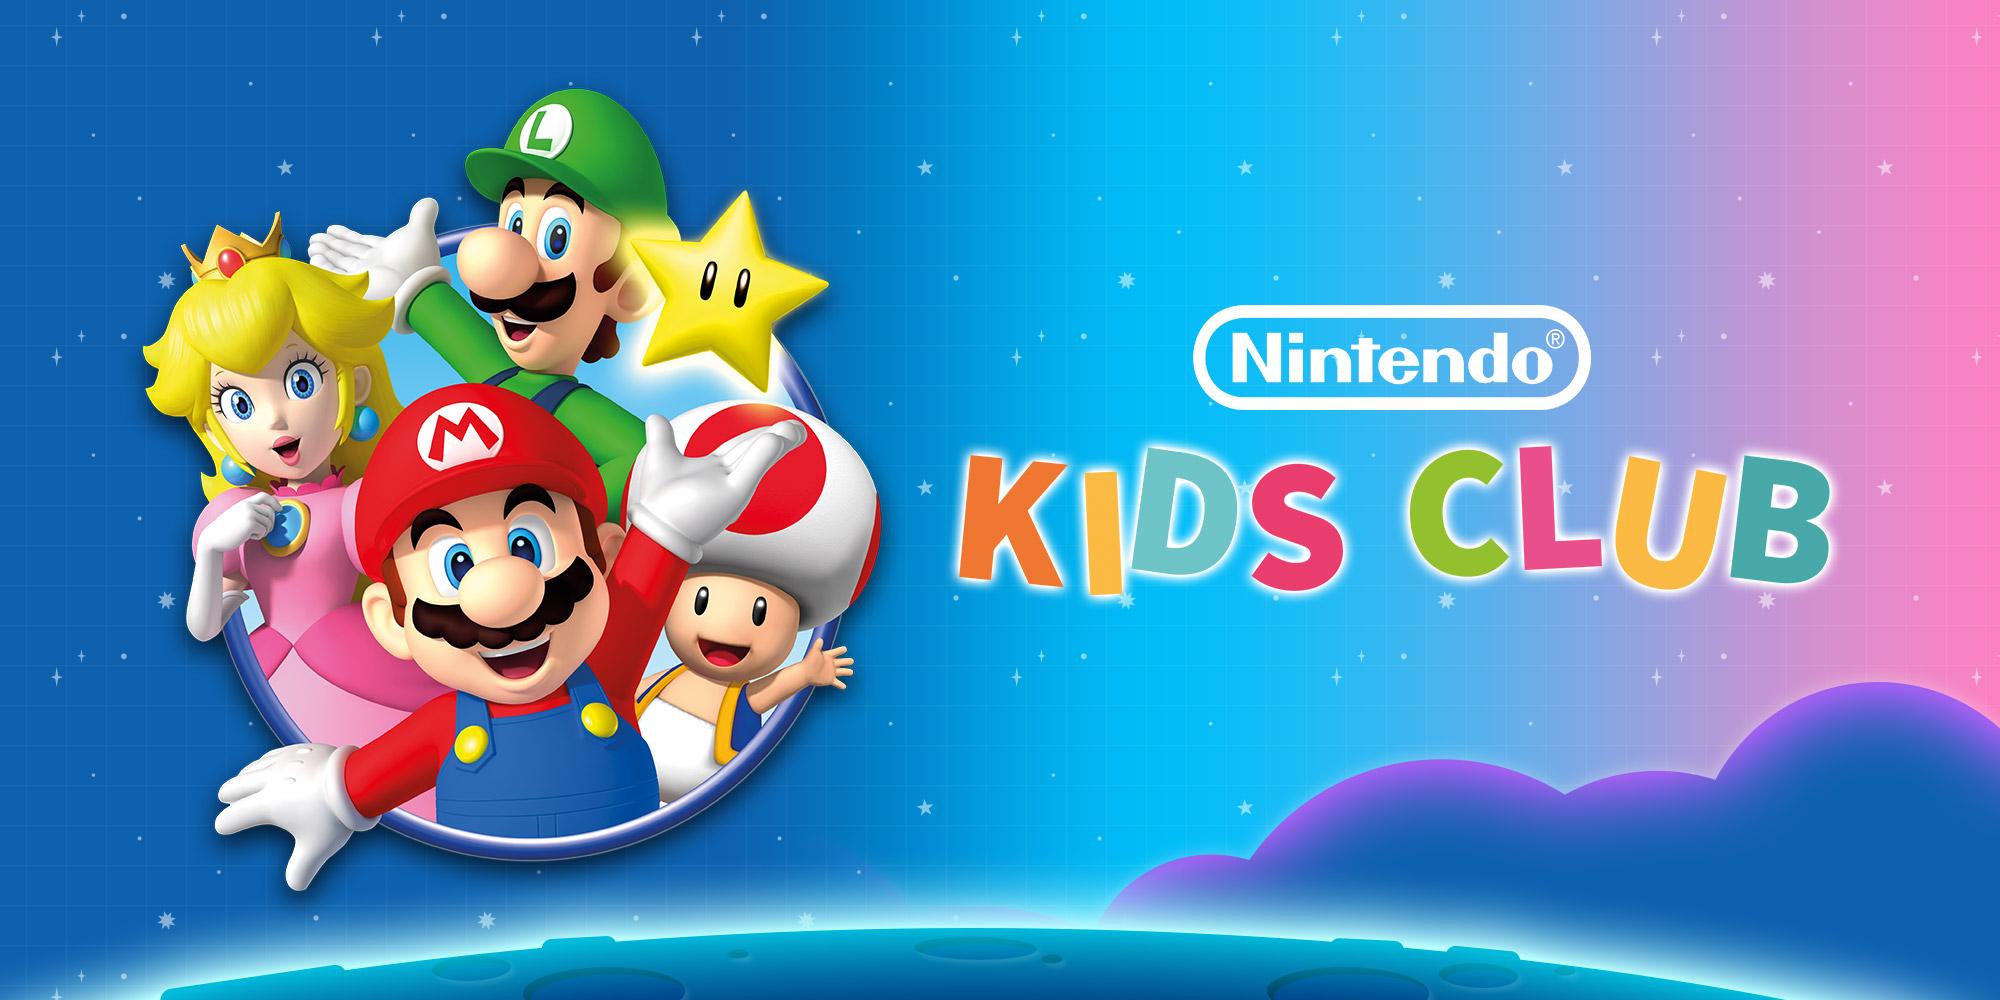 Der Nintendo Kids Club Wartet Mit Neuen Spielen Und Aktivitäten Auf